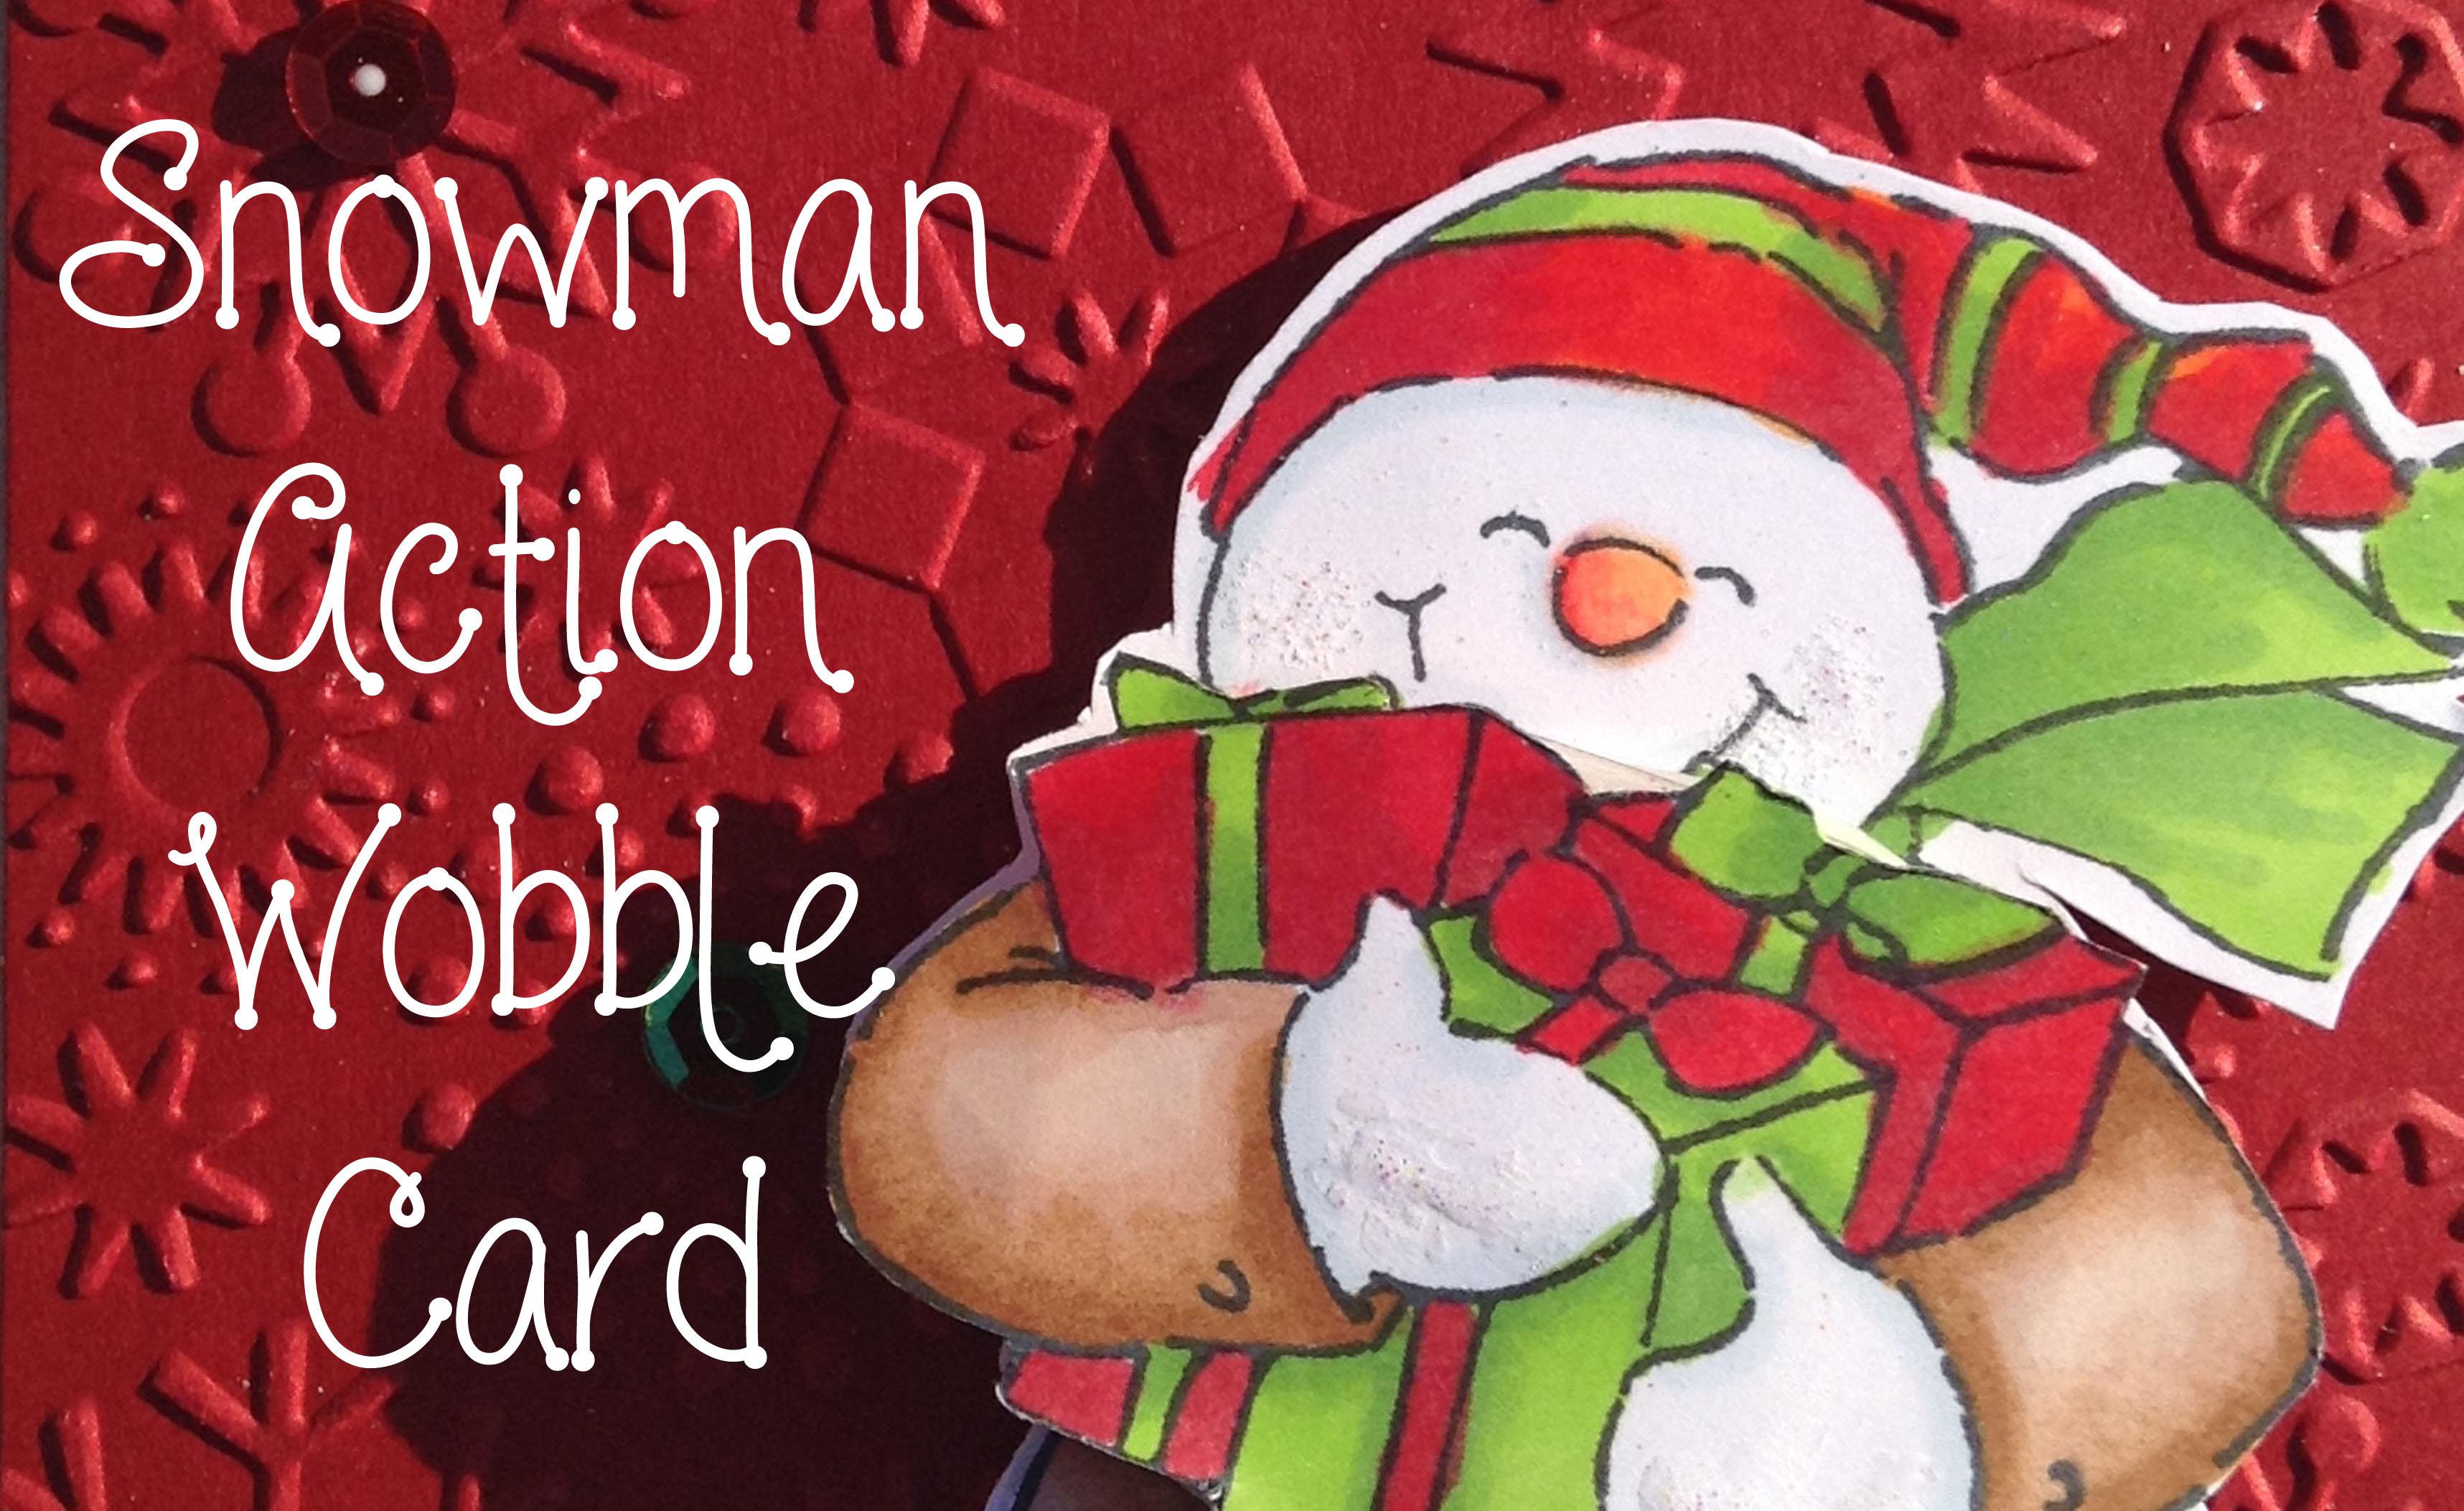 Snowman wobble